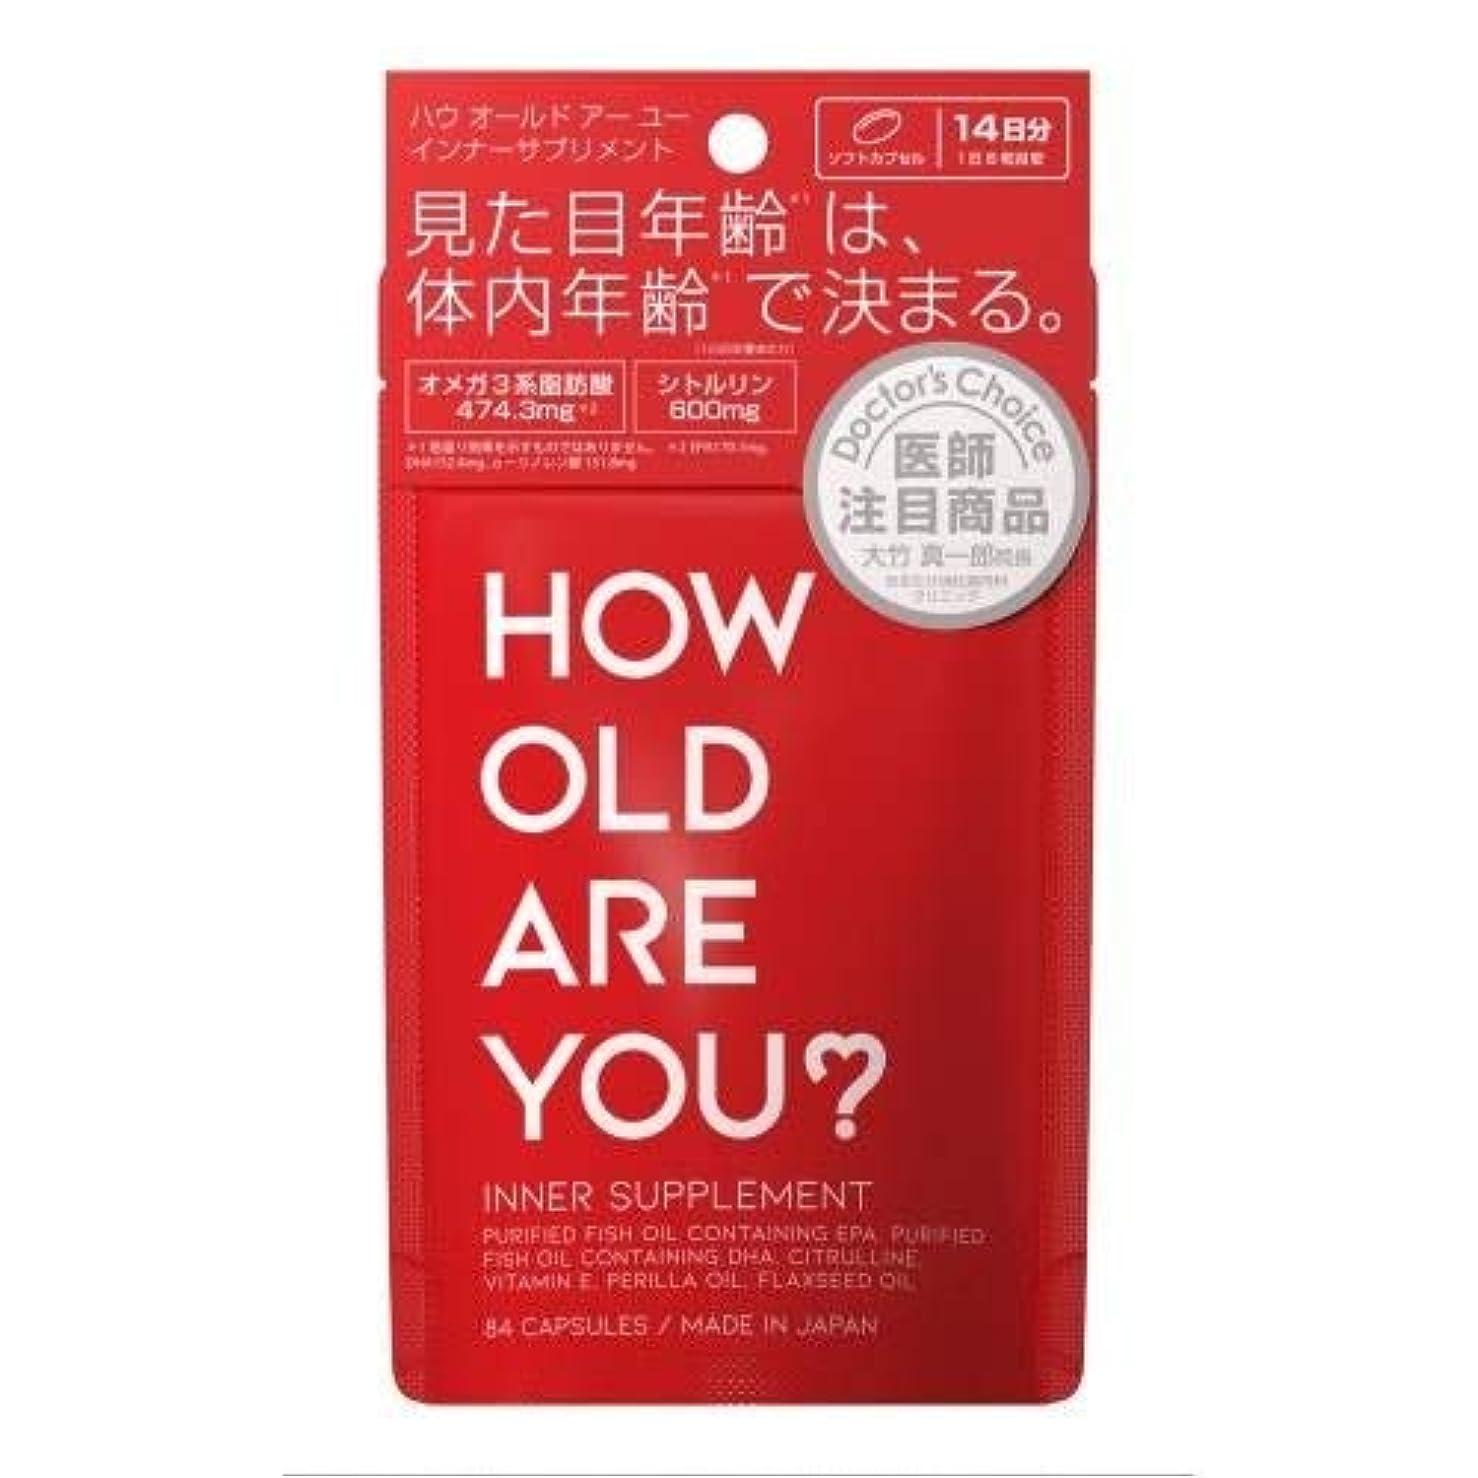 塩取り壊す留まる【3個セット】HOW OLD ARE YOU?インナーサプリメント 84粒